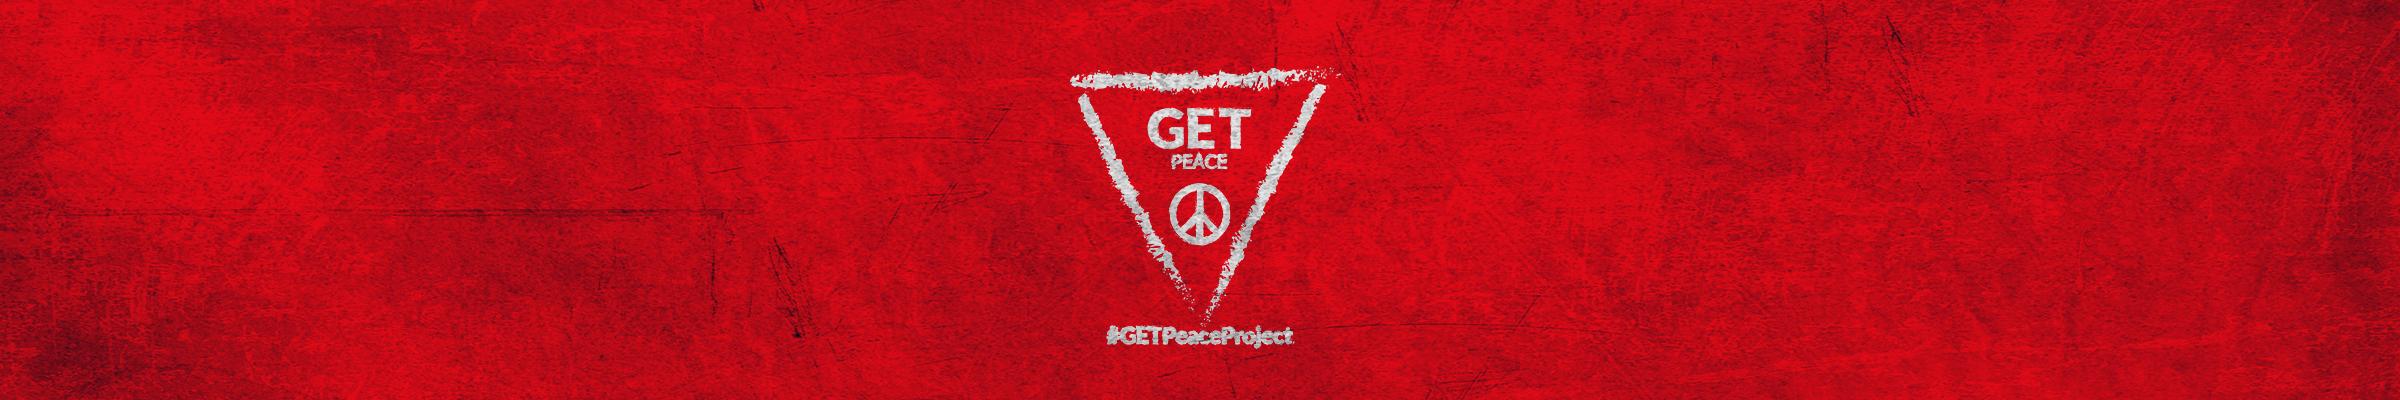 #GETPeaceProject